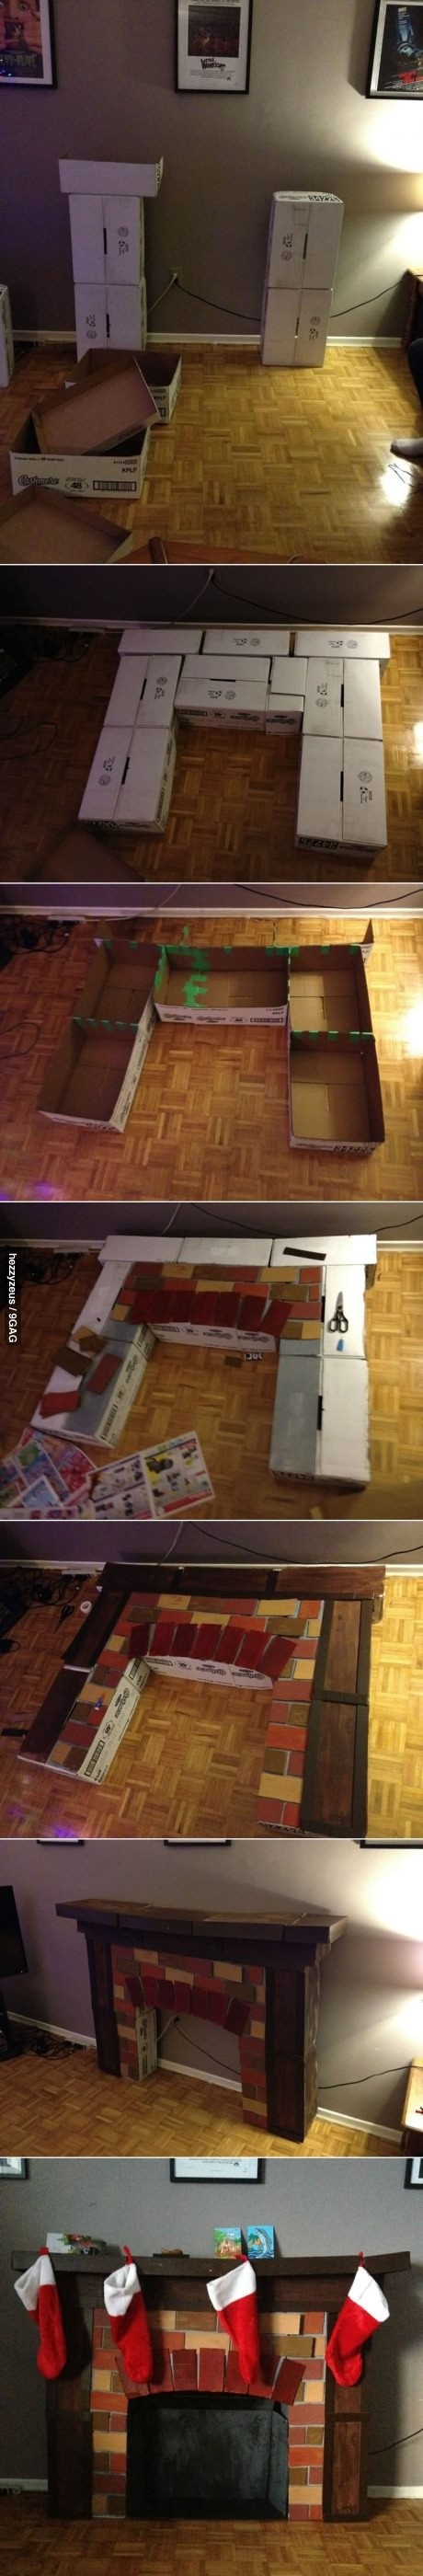 Ótima ideia de lareira para decoração, simples e pode usar a criatividade para fazer como desejar.